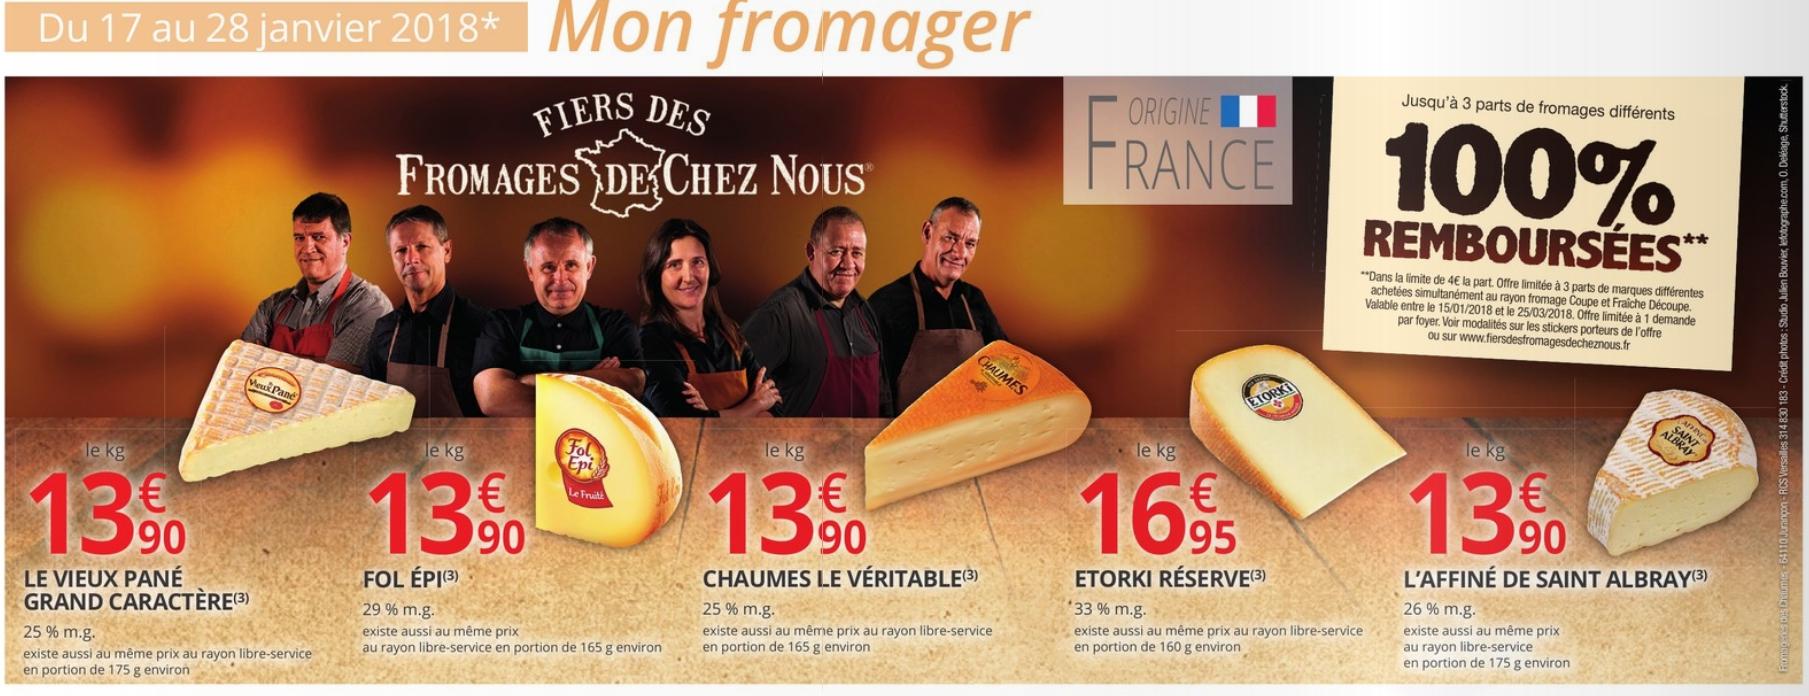 3 parts de fromages différents 100% remboursées